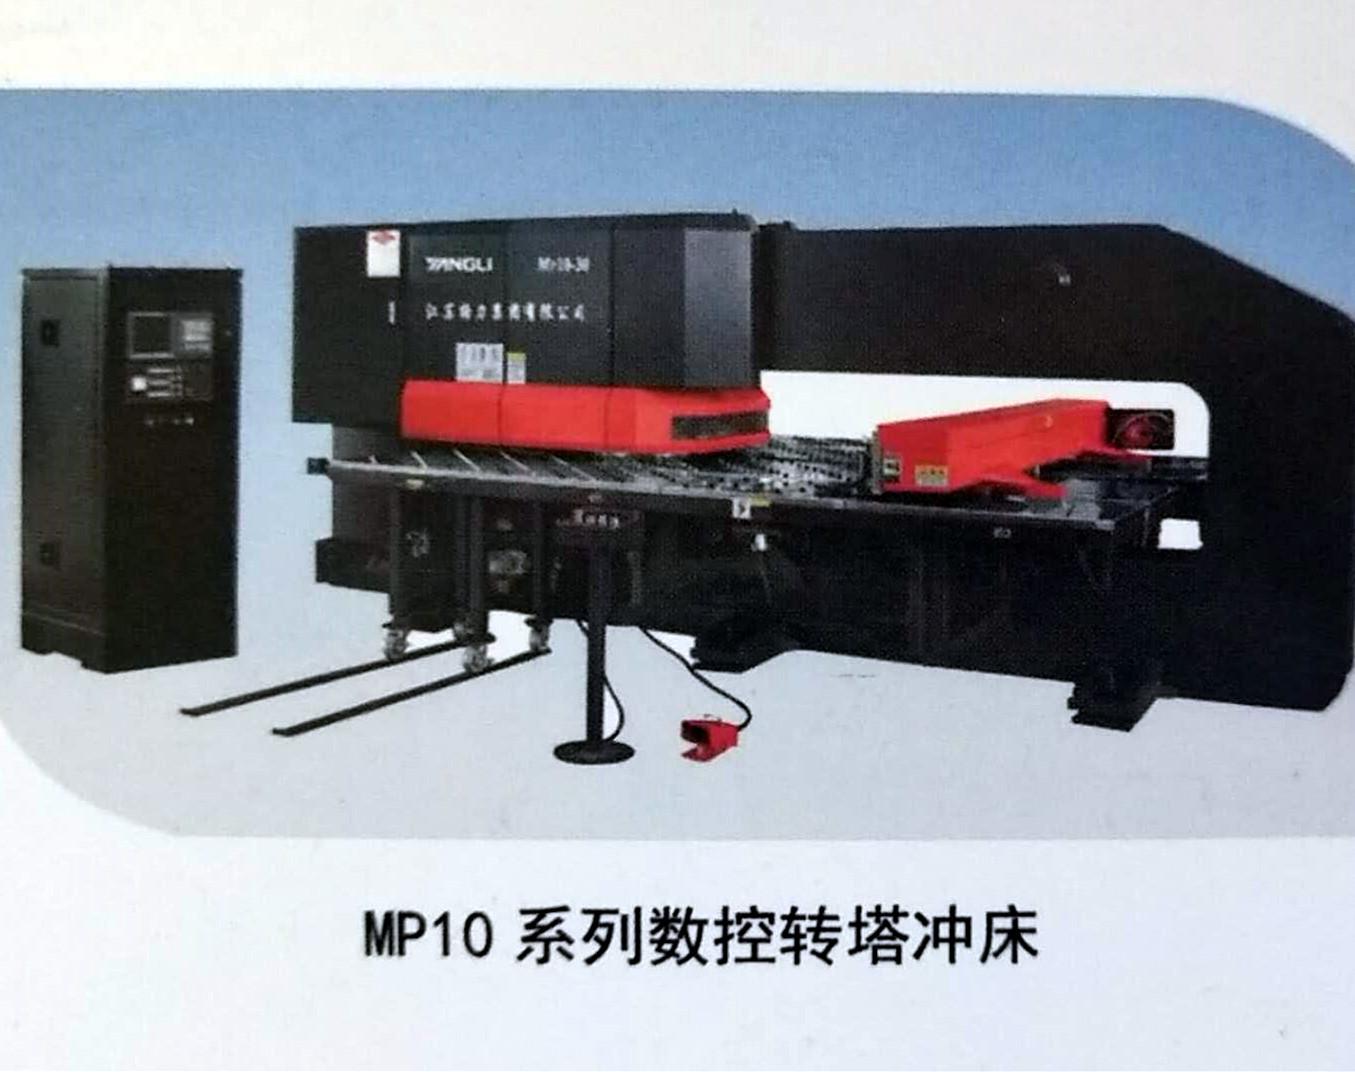 MP10系列数控转塔冲床